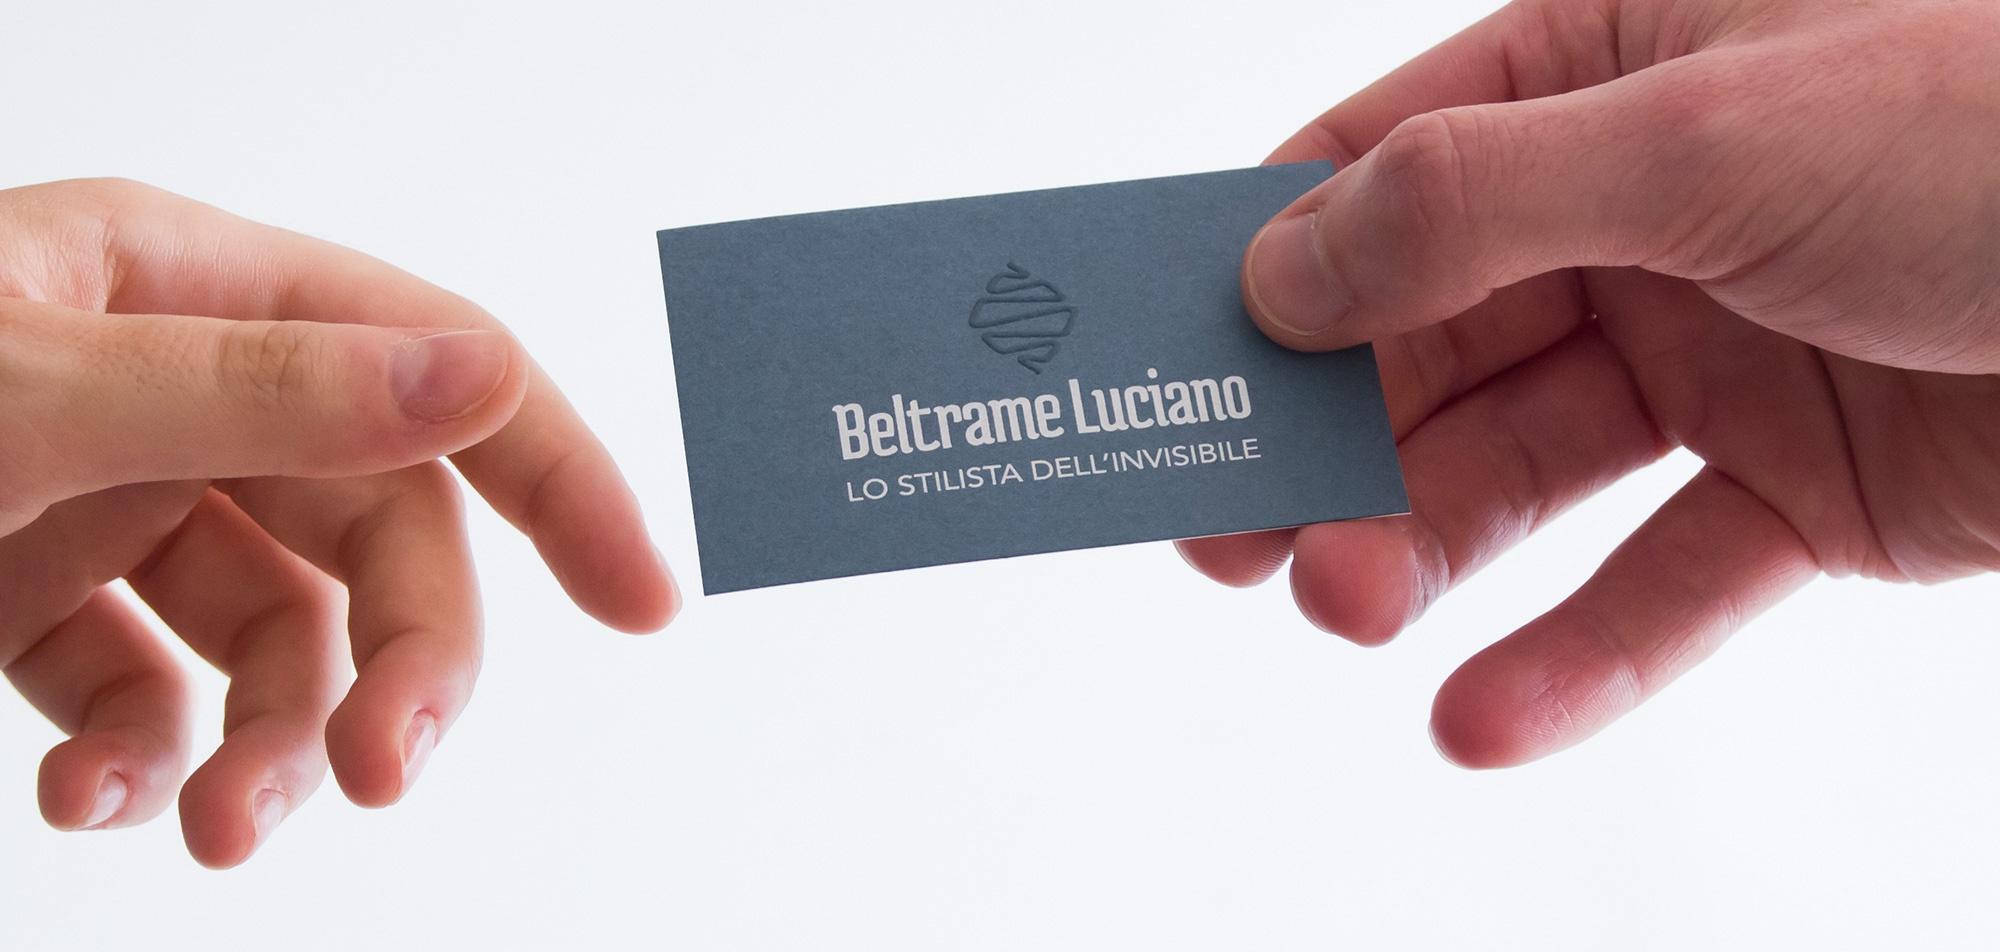 Studio grafico del marchio e dell'immagine aziendale per l'azienda produttiva Beltrame Luciano